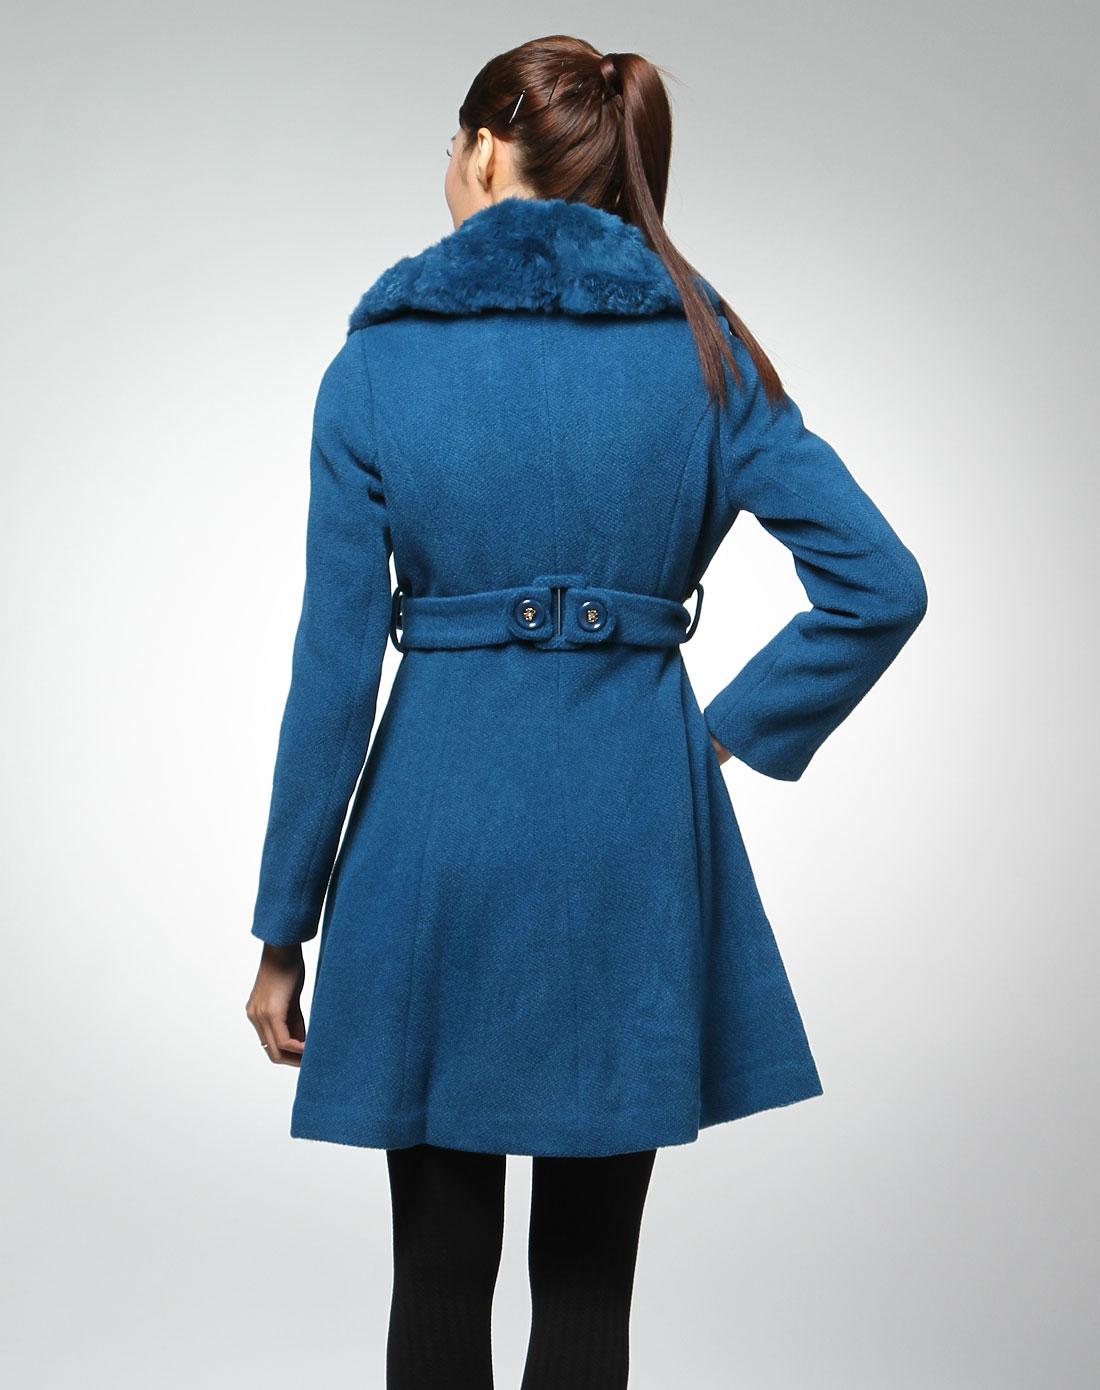 简gen深蓝色毛领优雅长袖大衣10dg84900-57